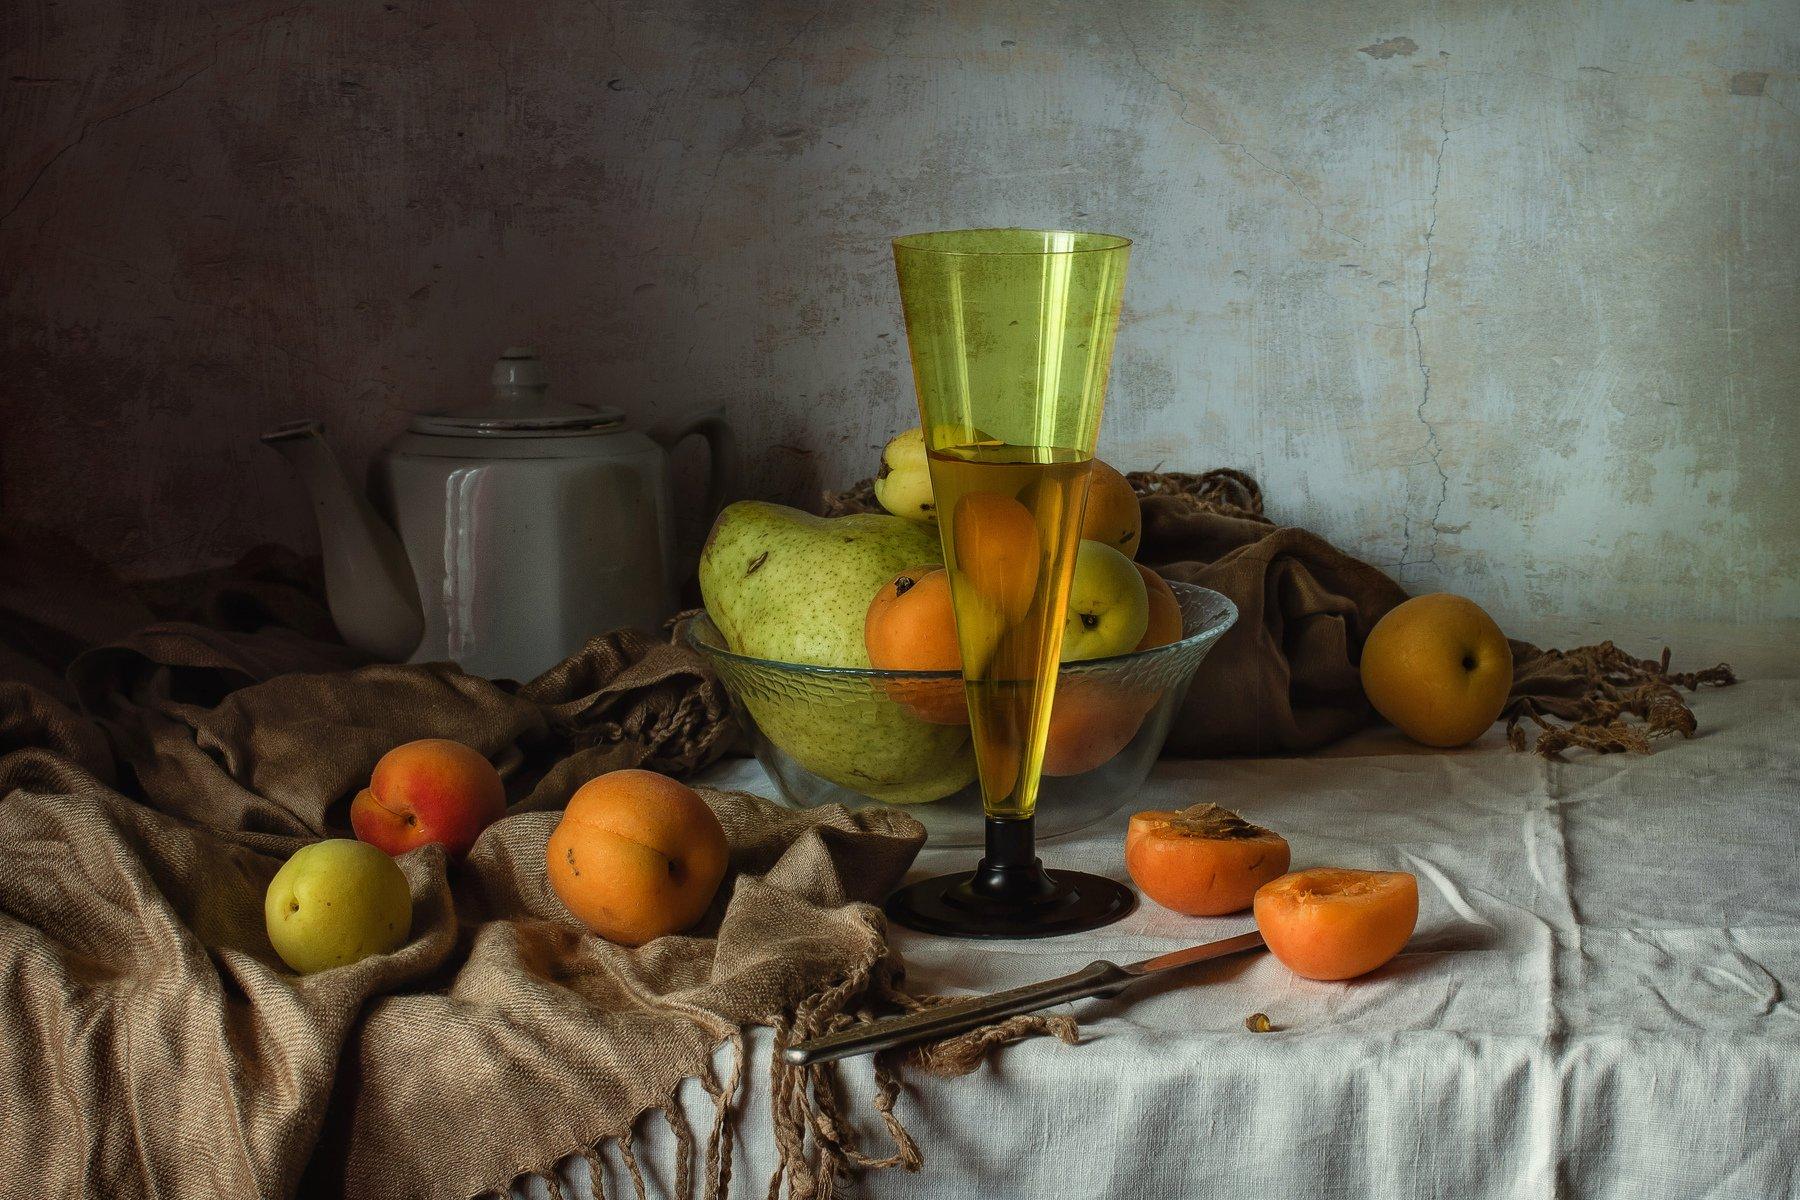 натюрморт, бокал, чайник, фрукты, абрикосы, груша, Анна Петина